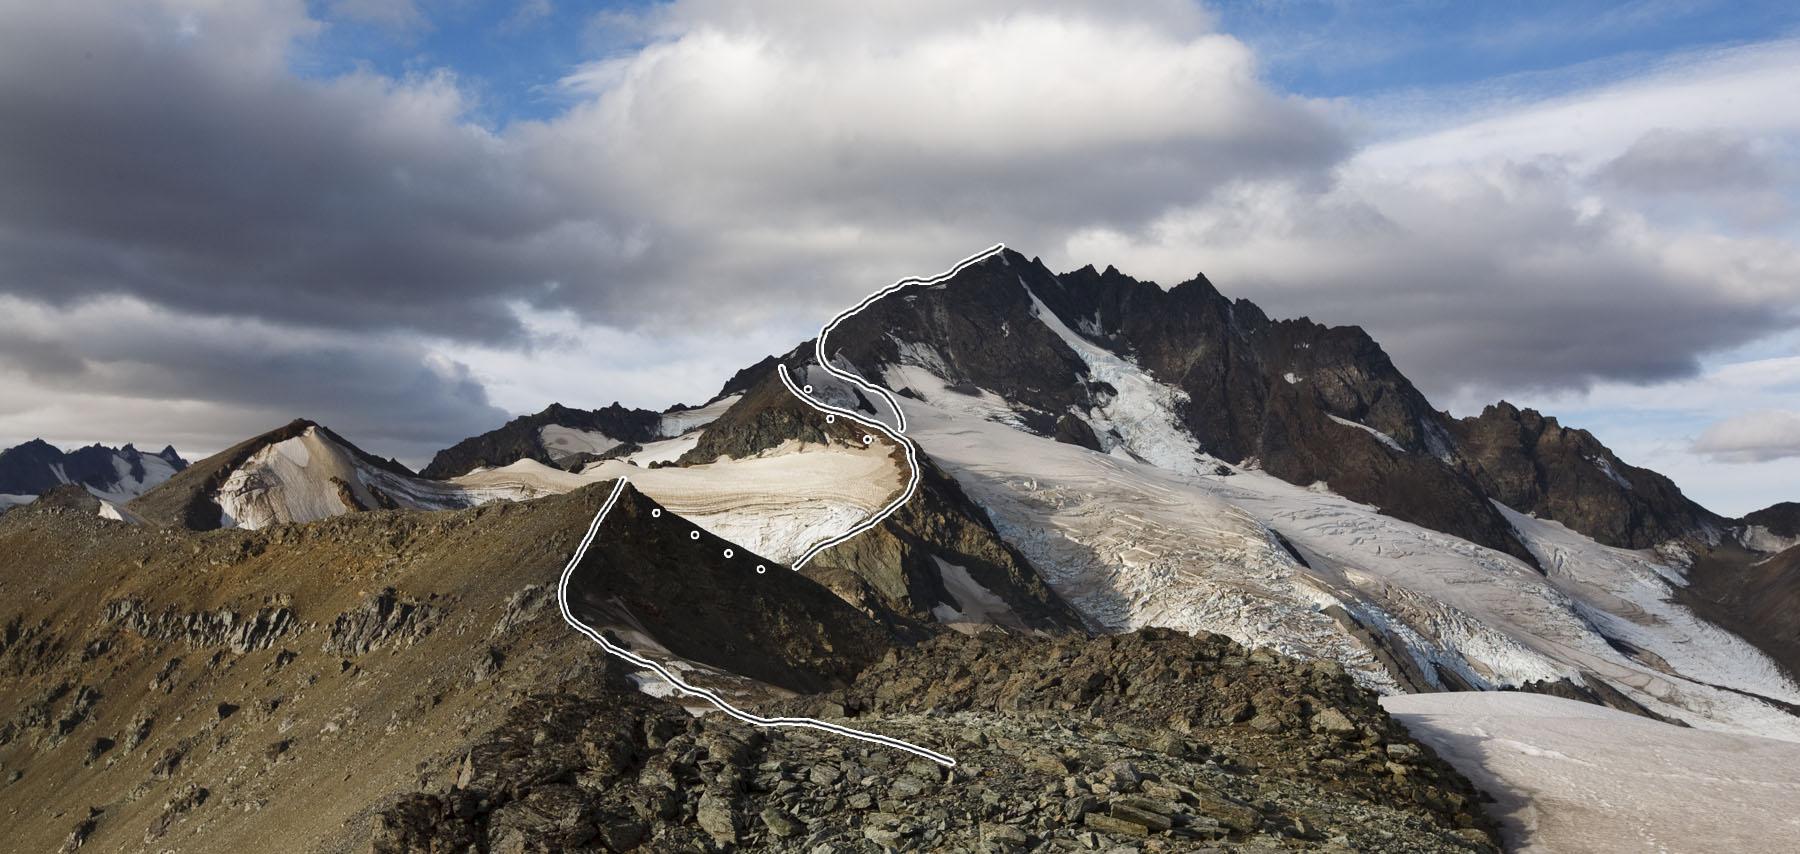 Cerro Kristine, near Chilean Patagonia's wild Chacabuco Valley.